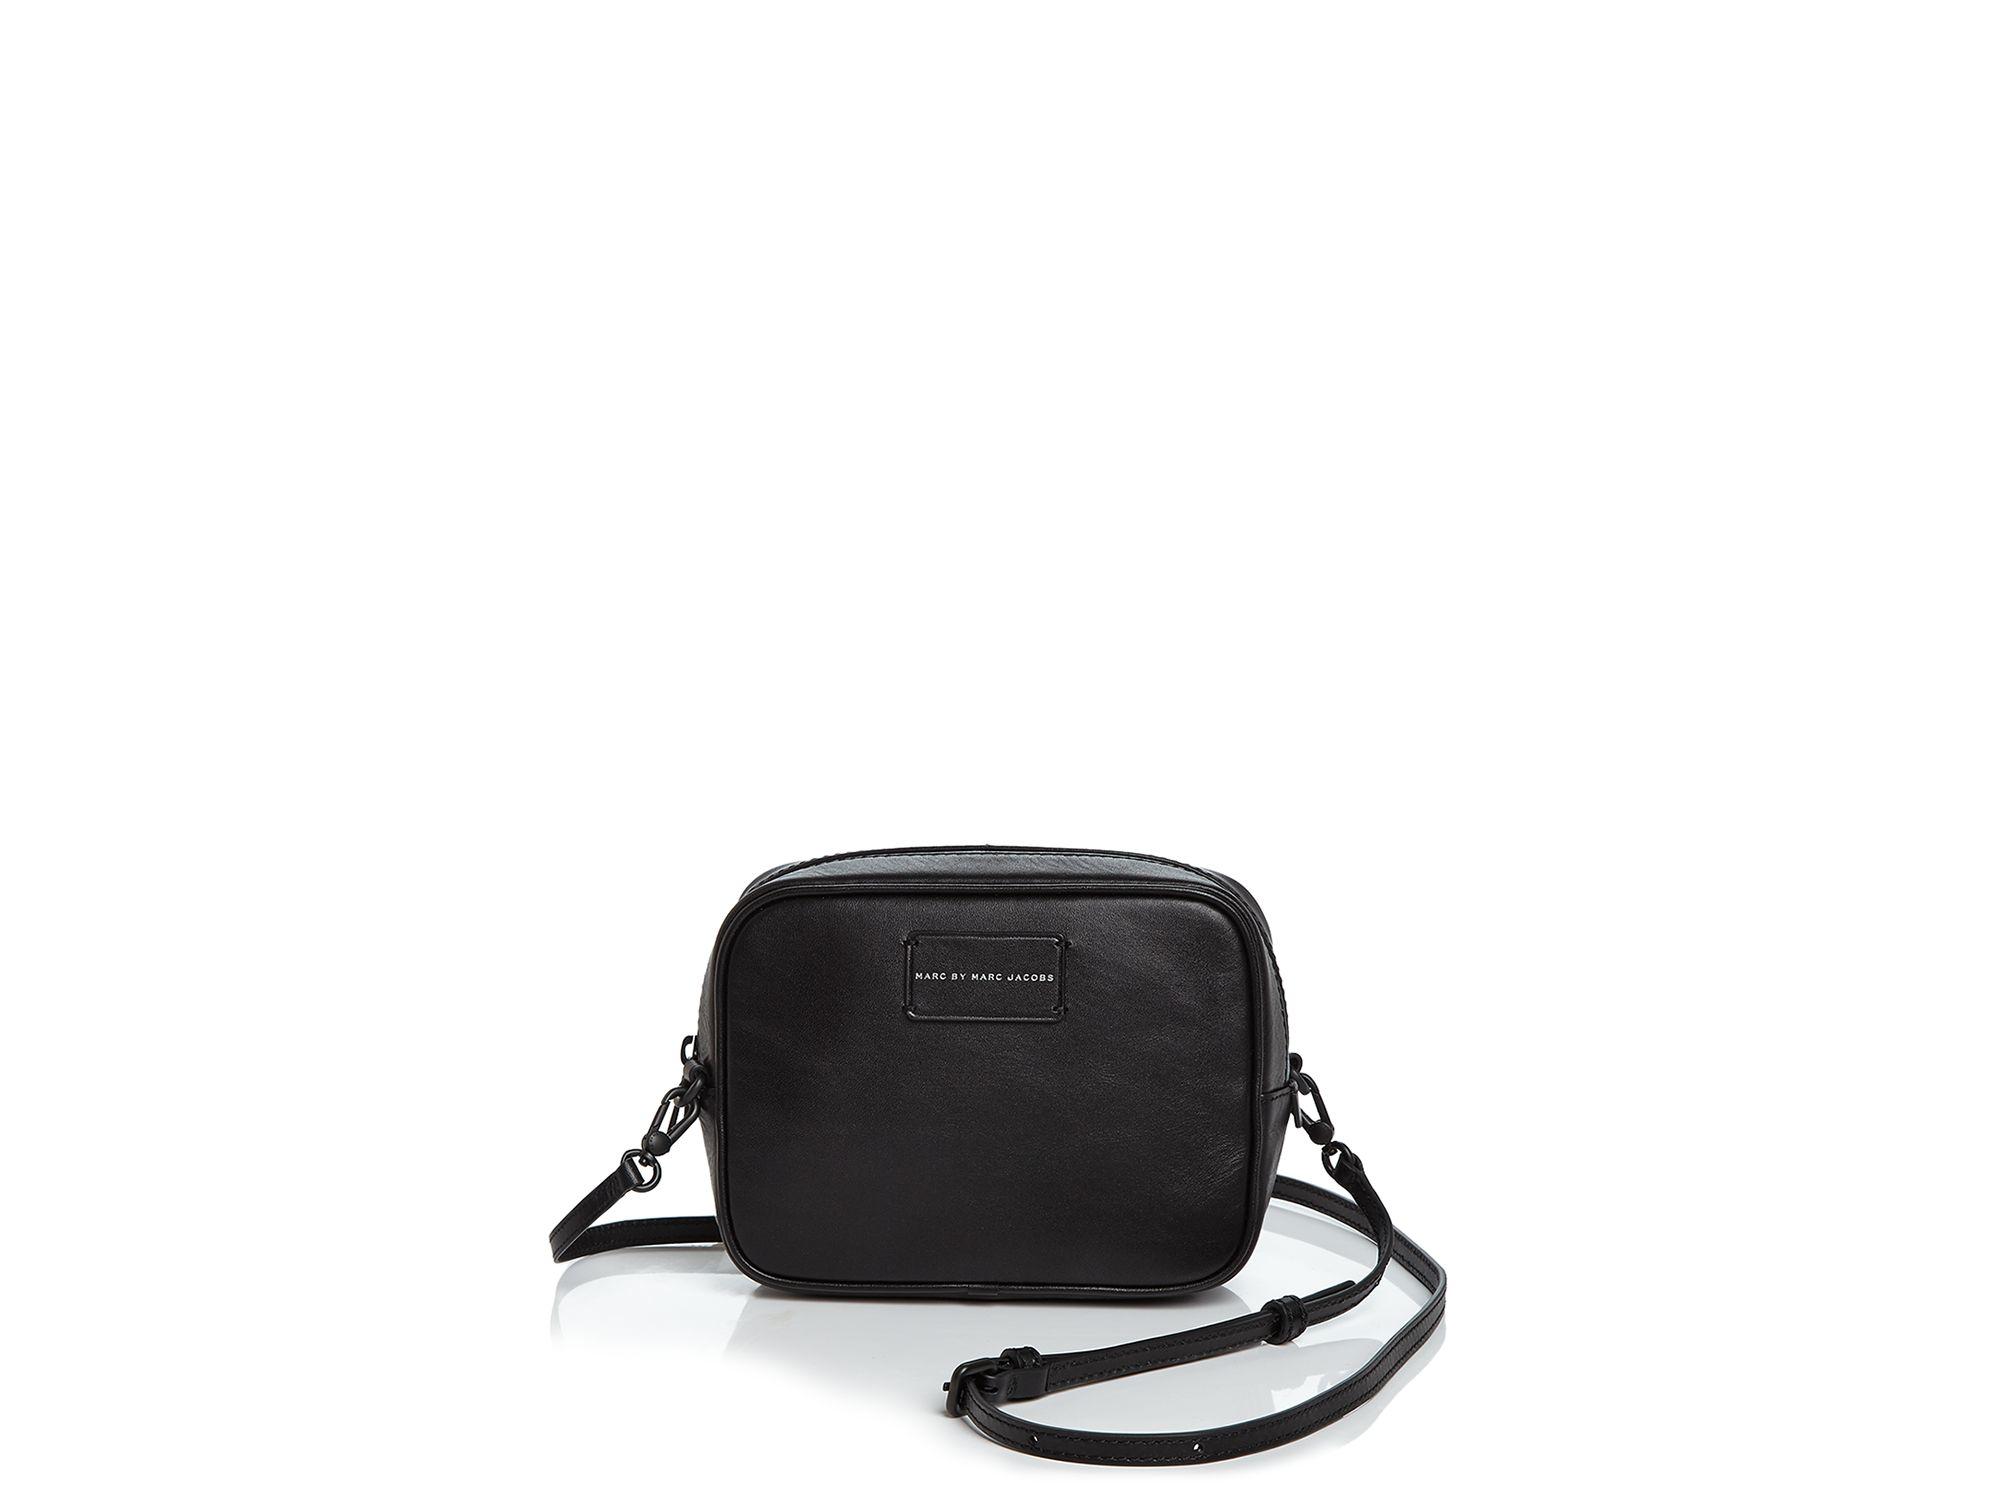 Lyst - Marc By Marc Jacobs Disney Camera Bag Crossbody in Black 53dd8b3c24a90